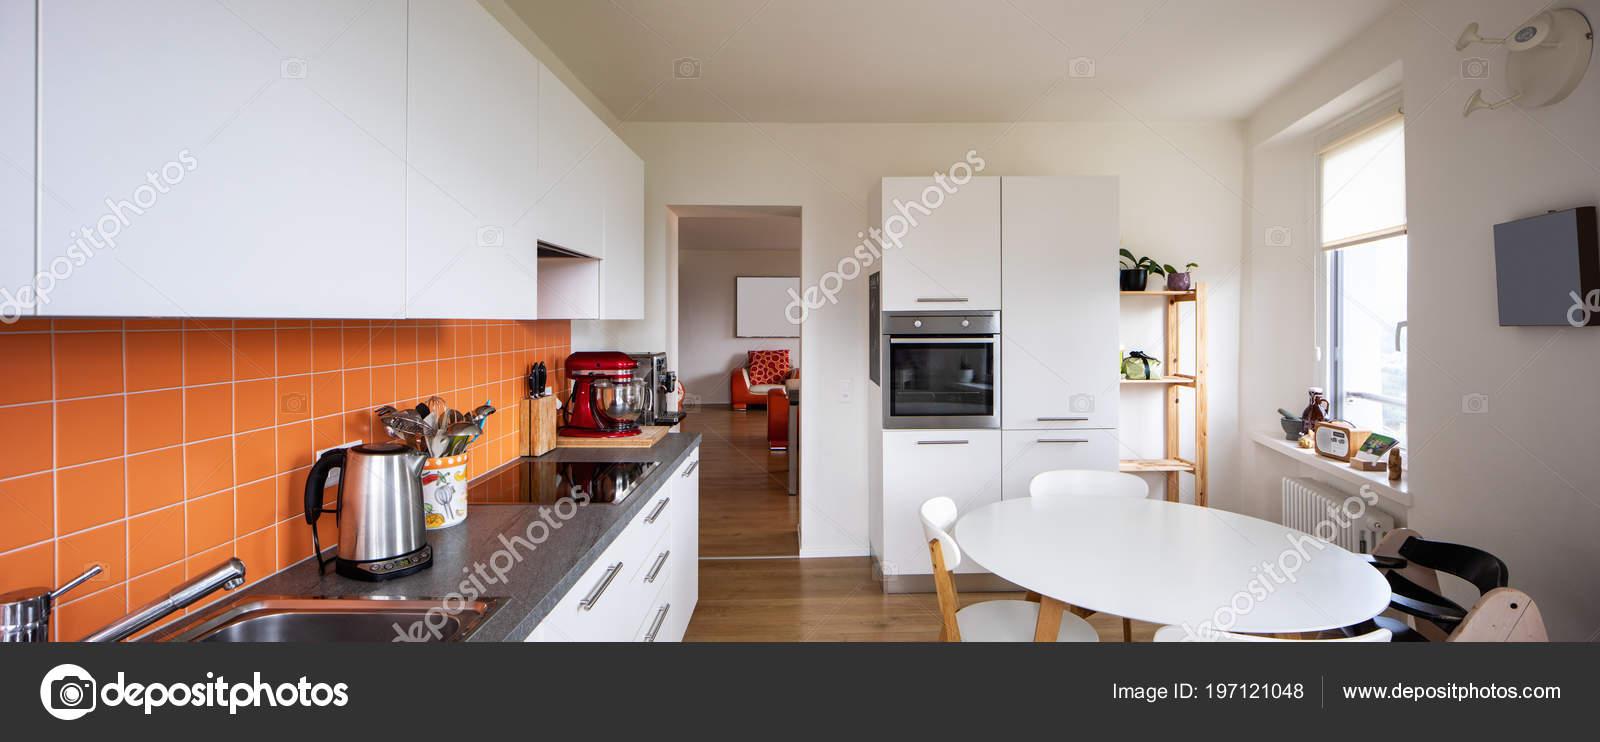 Cucina Con Piastrelle Arancione Tavolo Moderno Grande Finestra Con ...